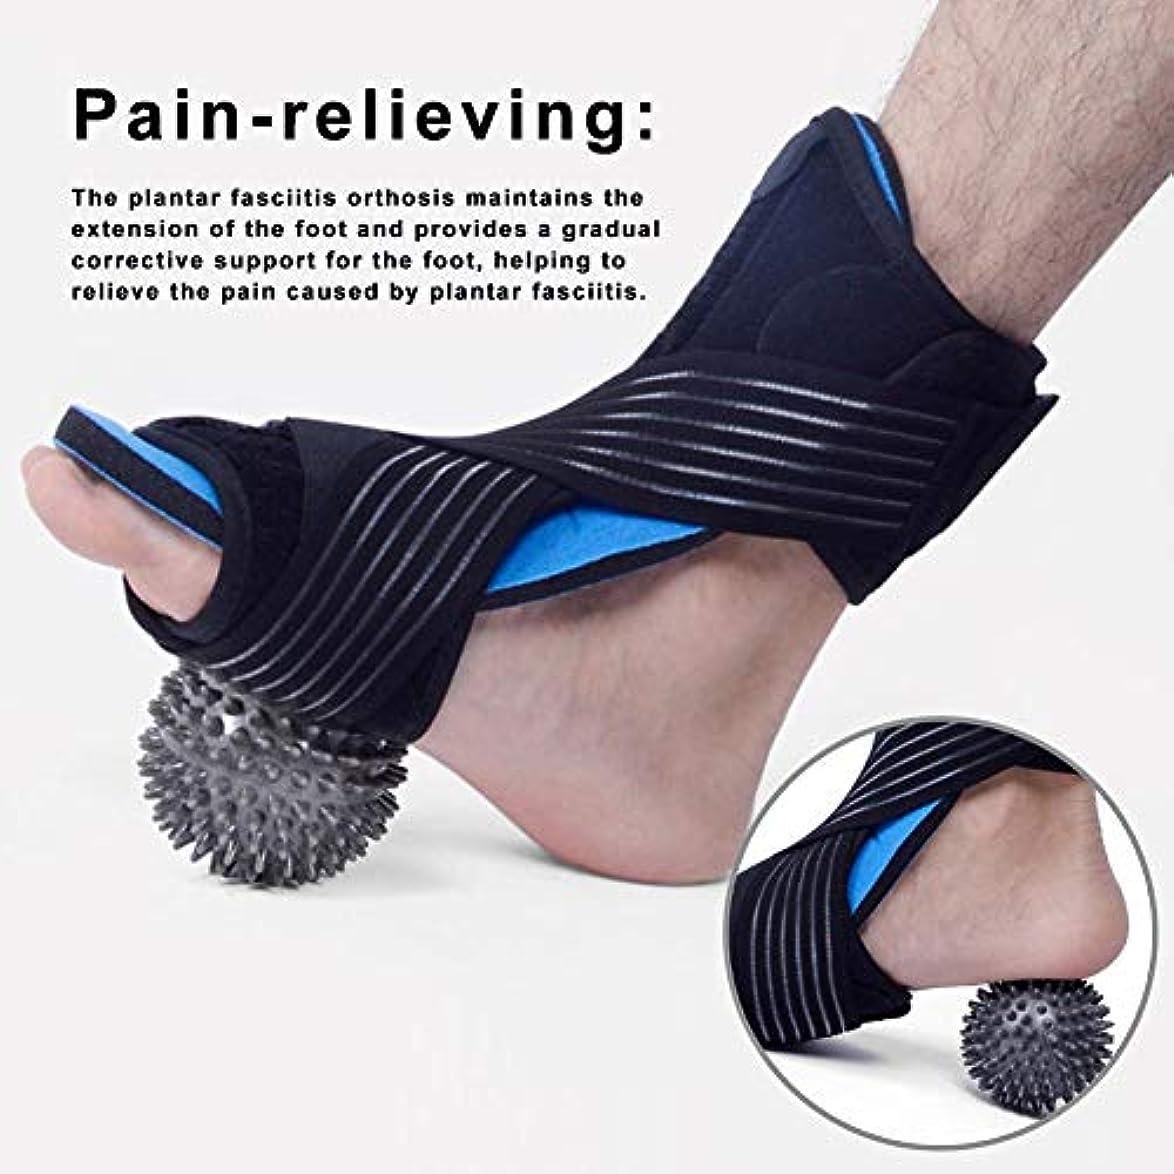 誰でもストッキング提案iBaste マッサージ ボール 付き 調節 可能 な 足首 サポート スタビライザー 足底 筋 膜 炎 ナイト スプリント 足 装具 サポート 足底 筋 膜 炎 の 効果 の な 緩和 痛み 足底 筋 膜 炎 typical